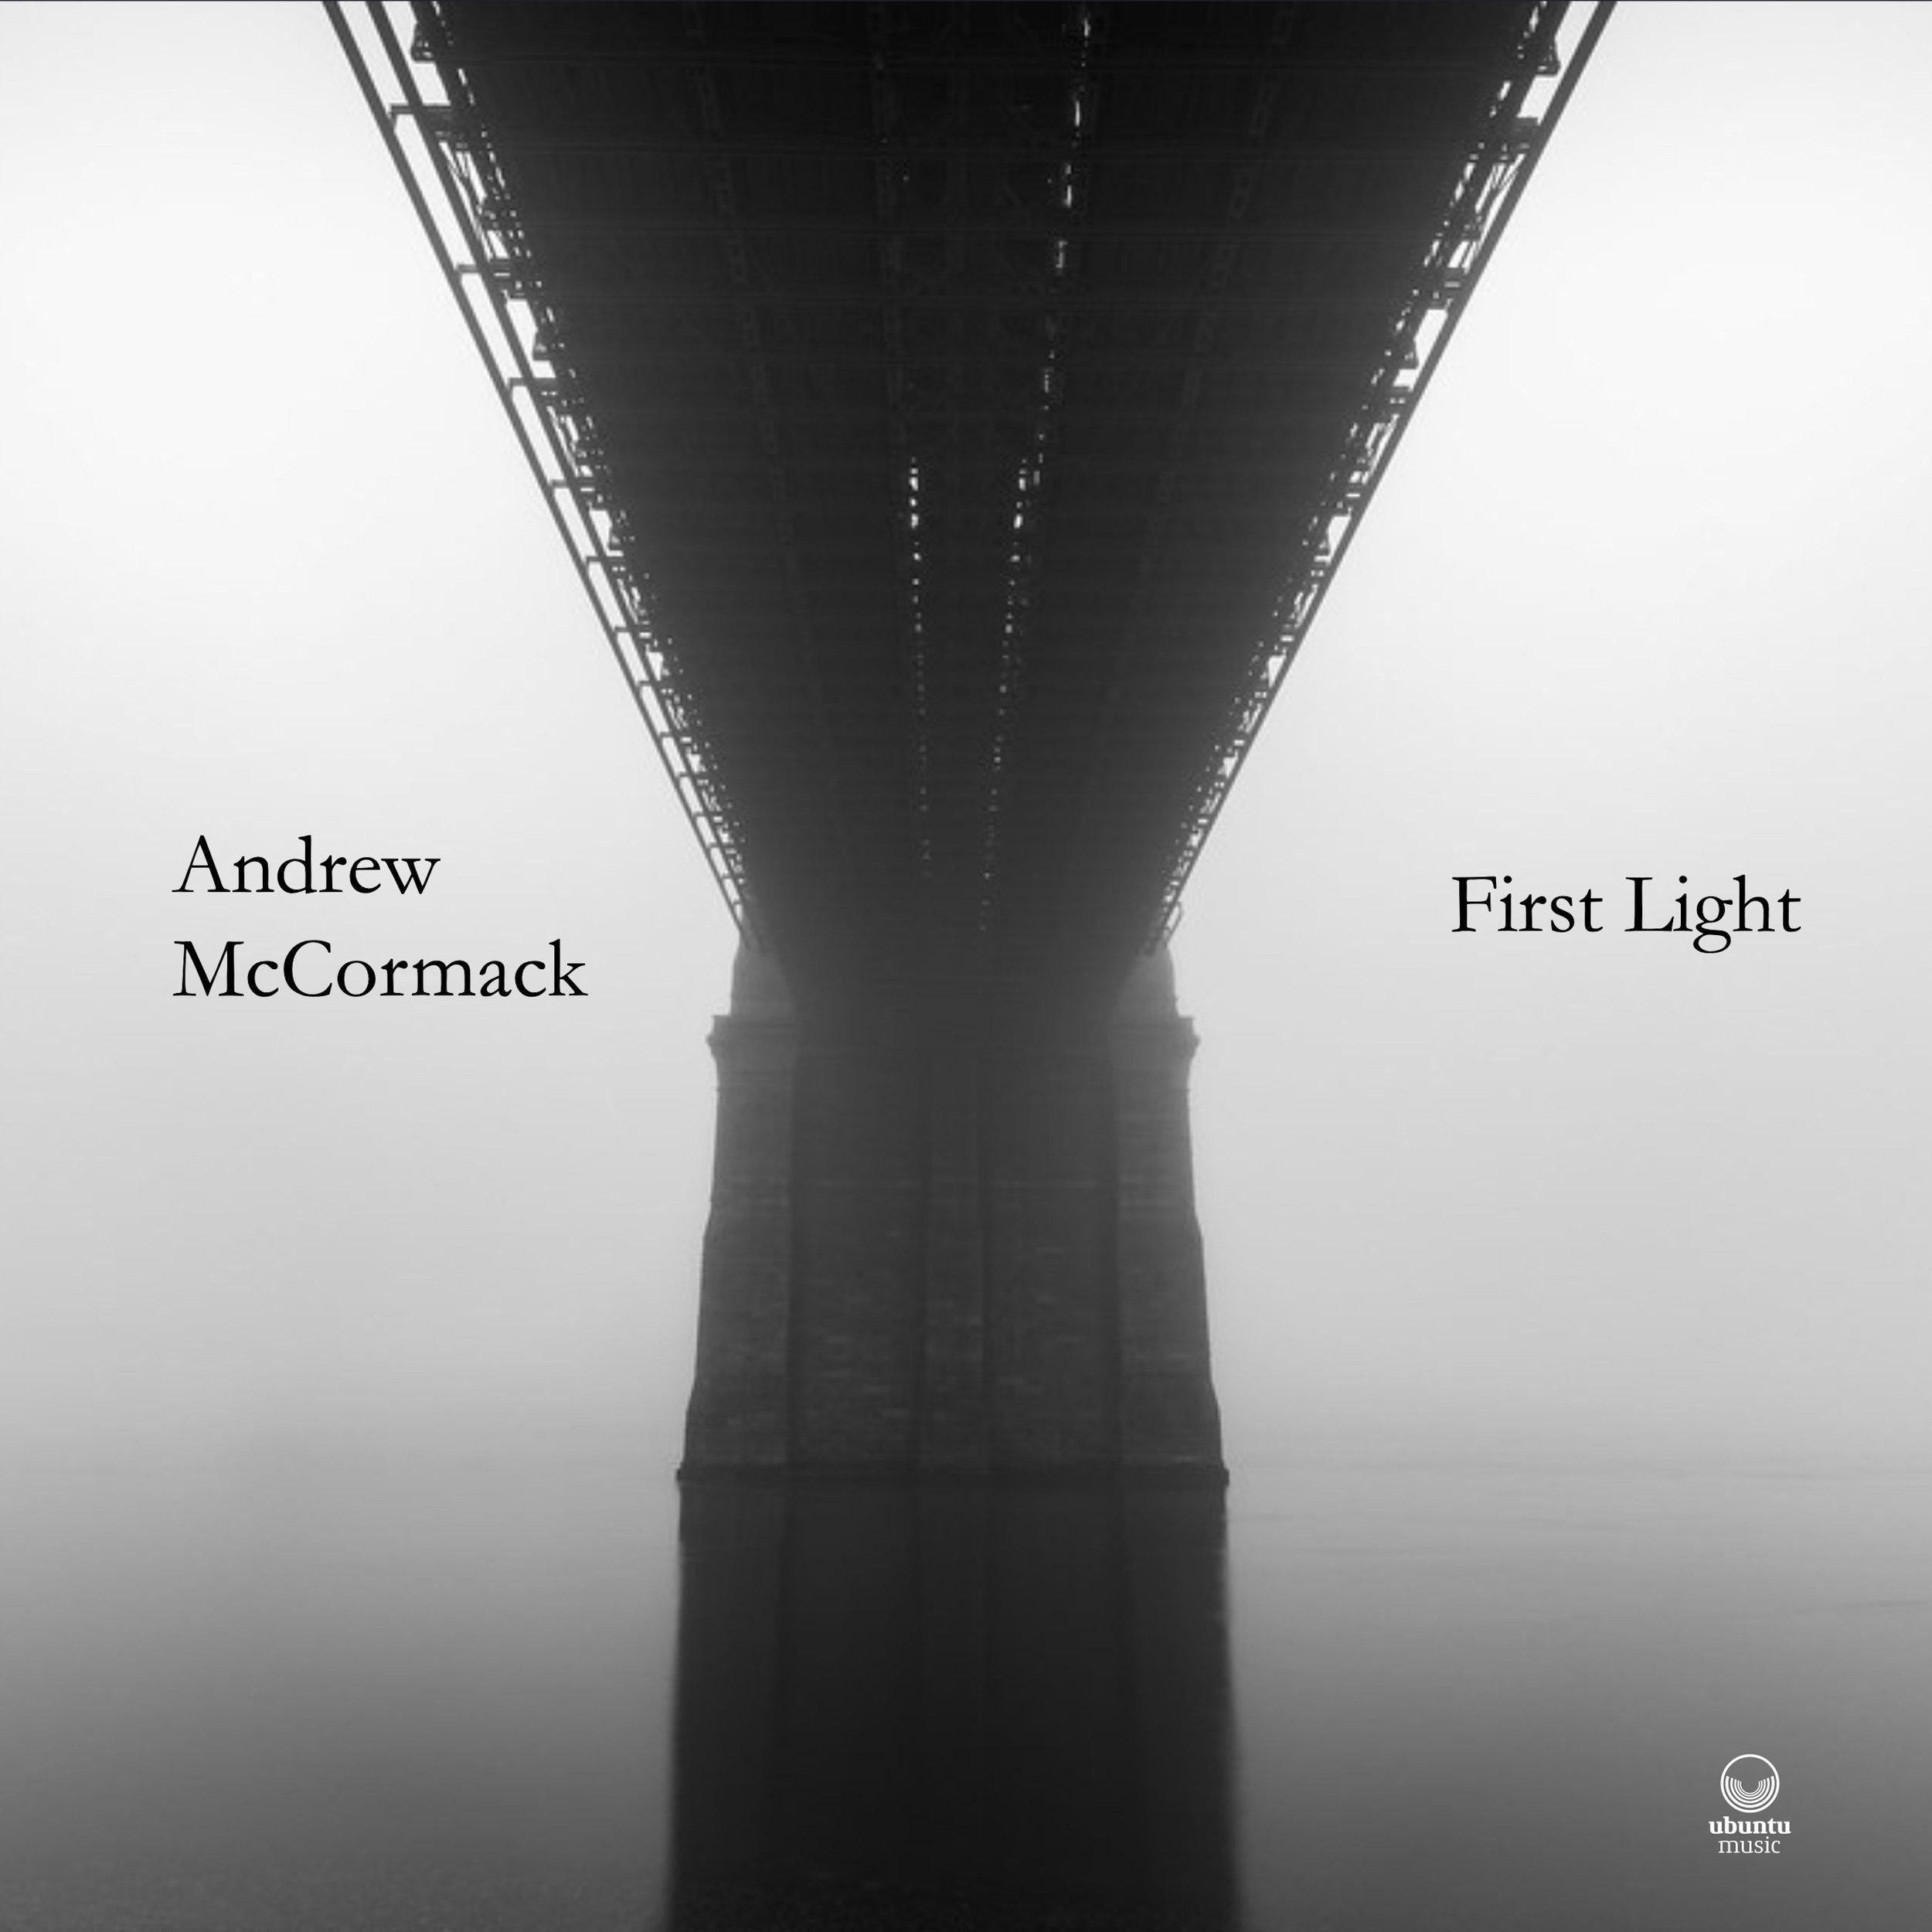 Andrew McCormack